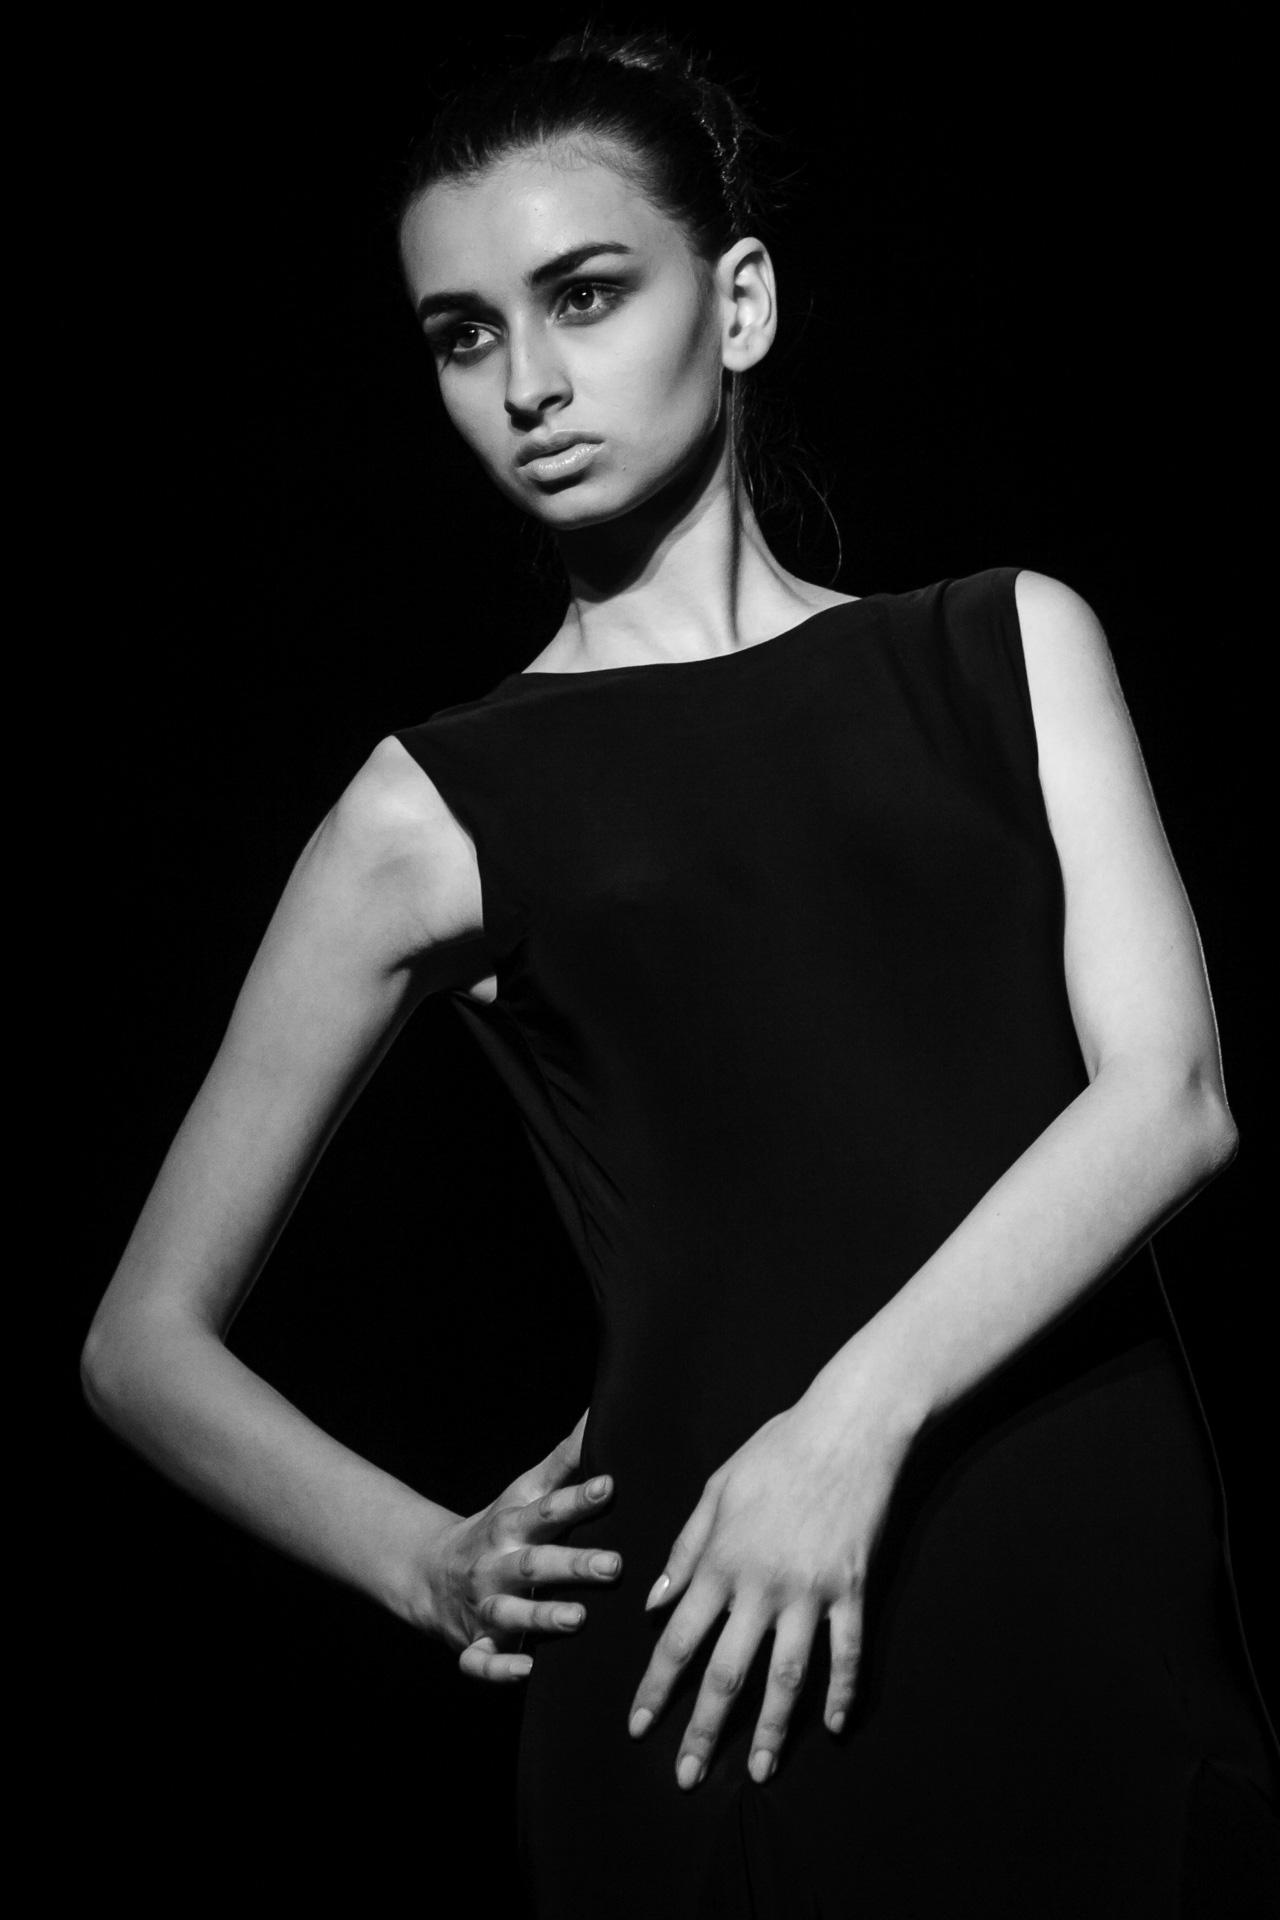 Câteva impresii de la Feeric Fashion Days 2012